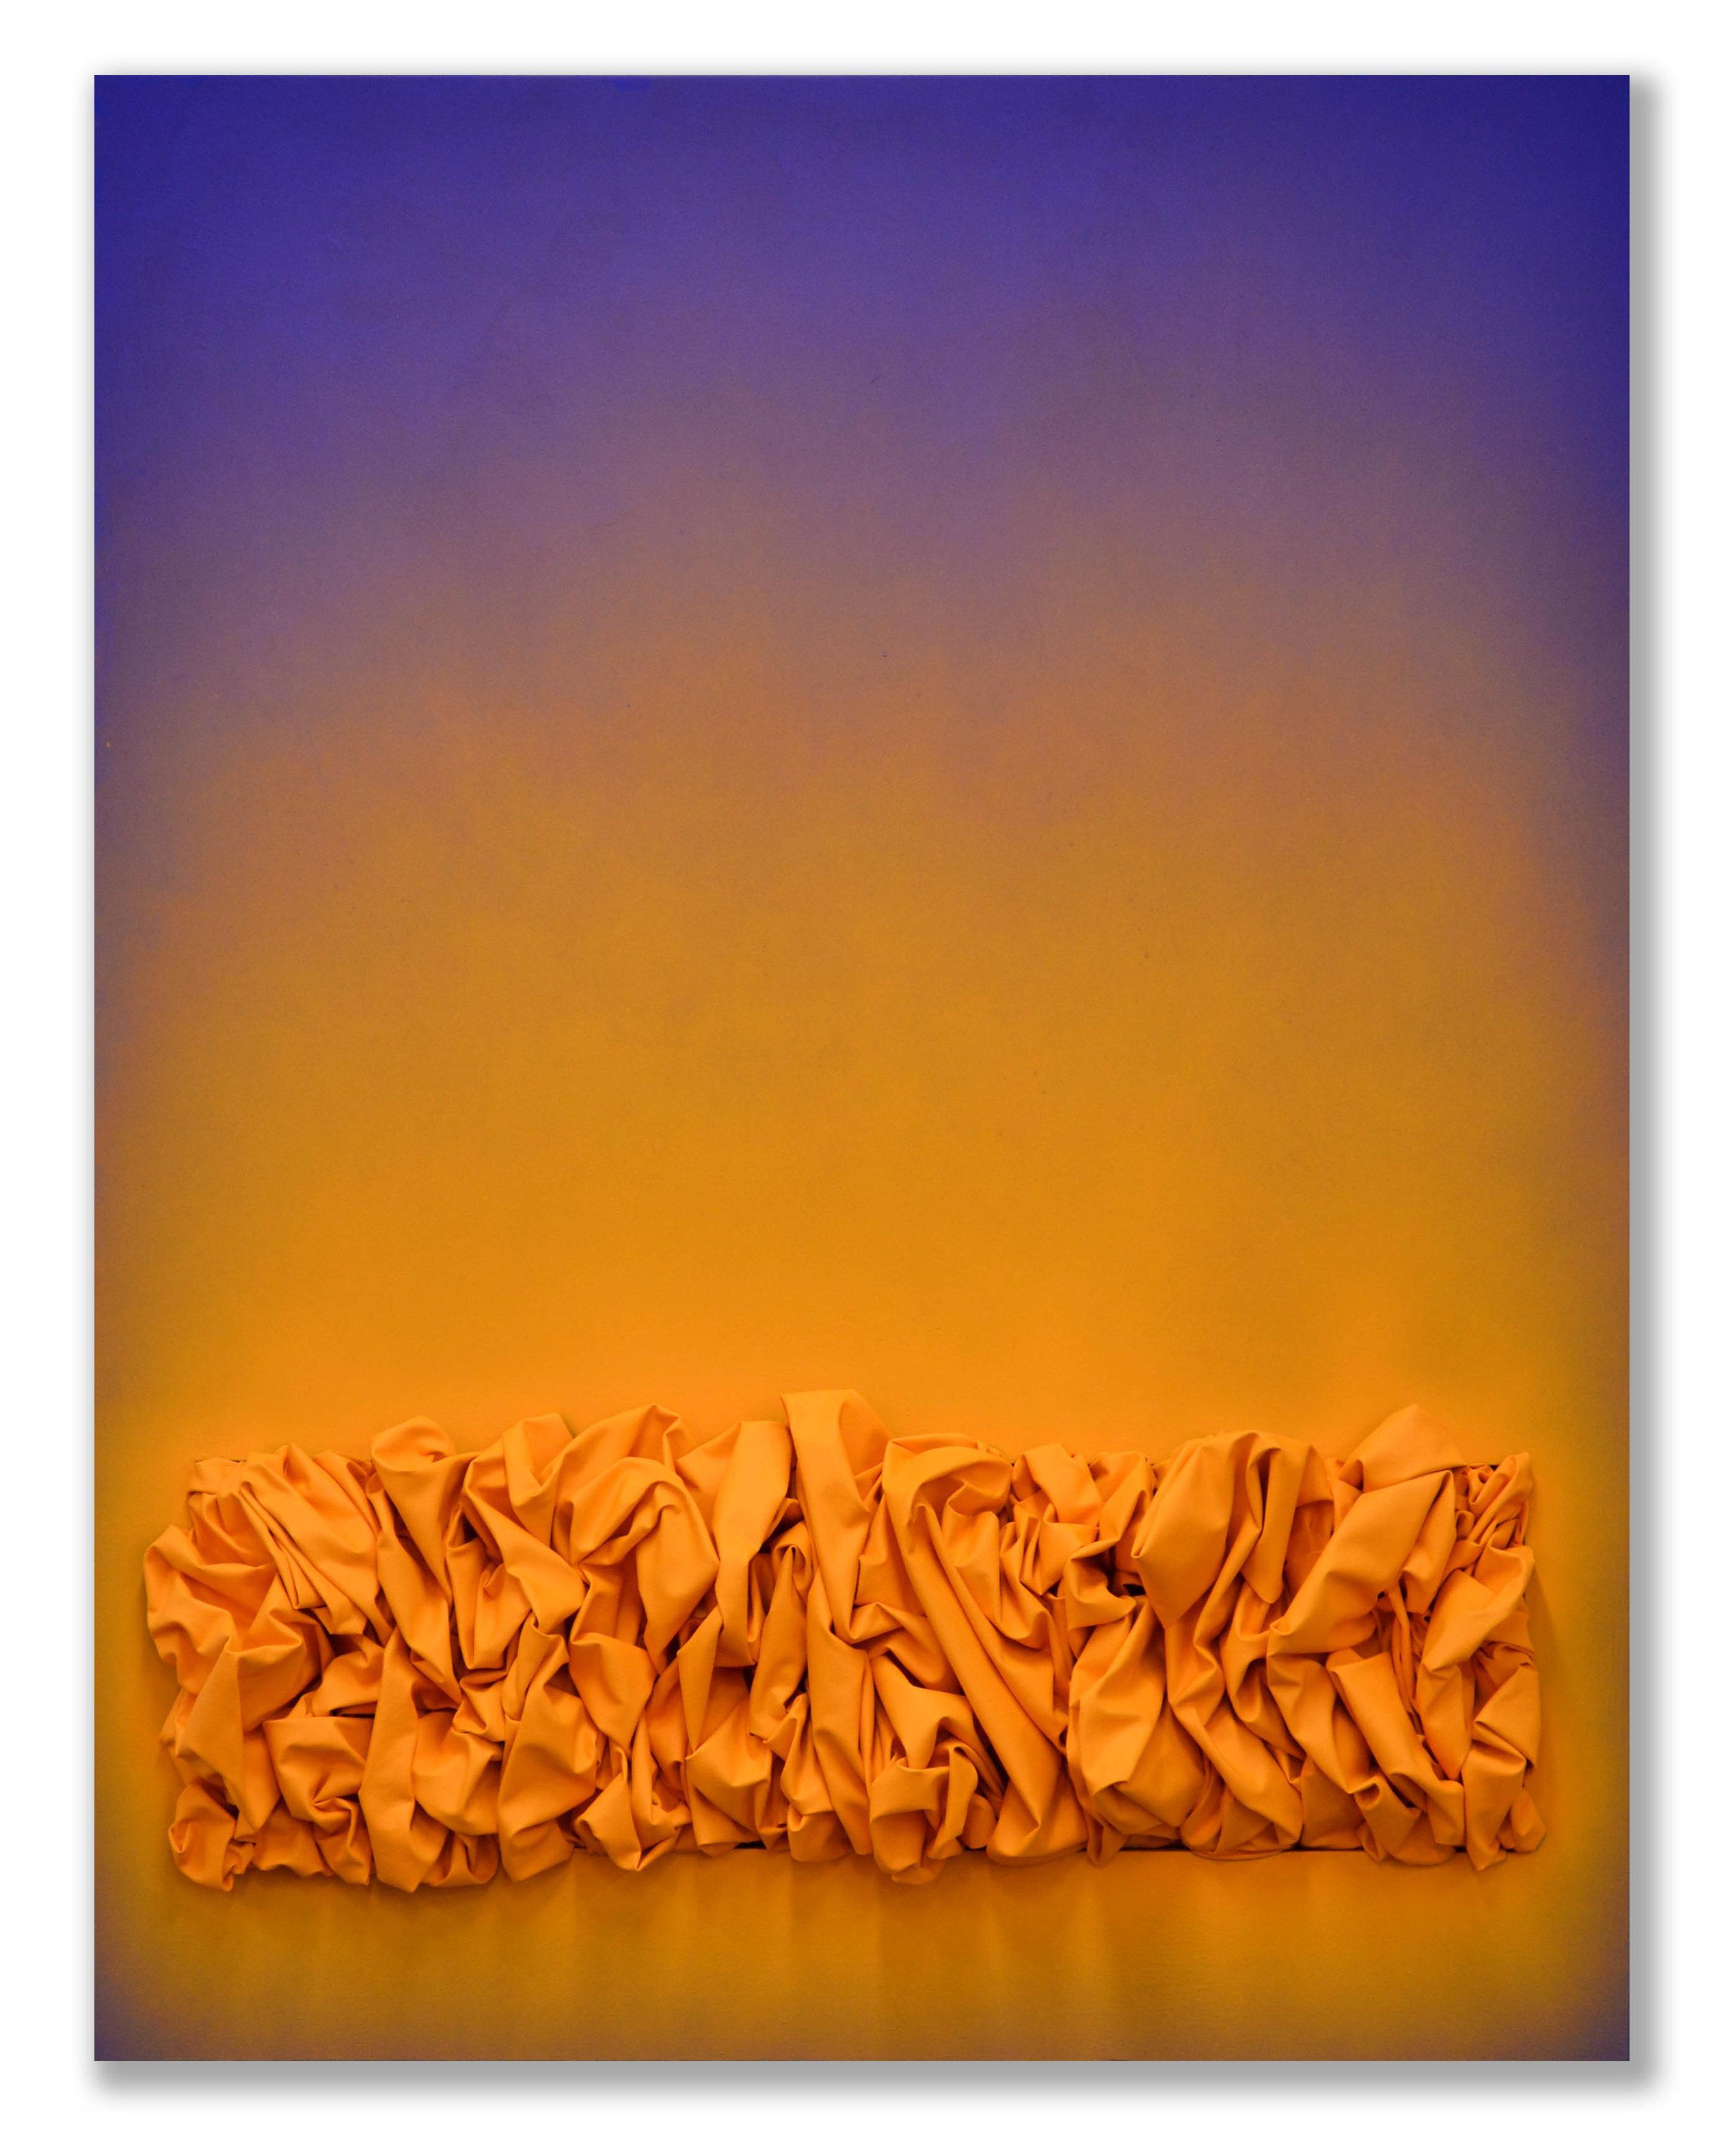 Spraying Cadmium Orange  - 2018  Pigmento acrilico e bomboletta spray su tela  180 x 140 cm  Collezione Privata